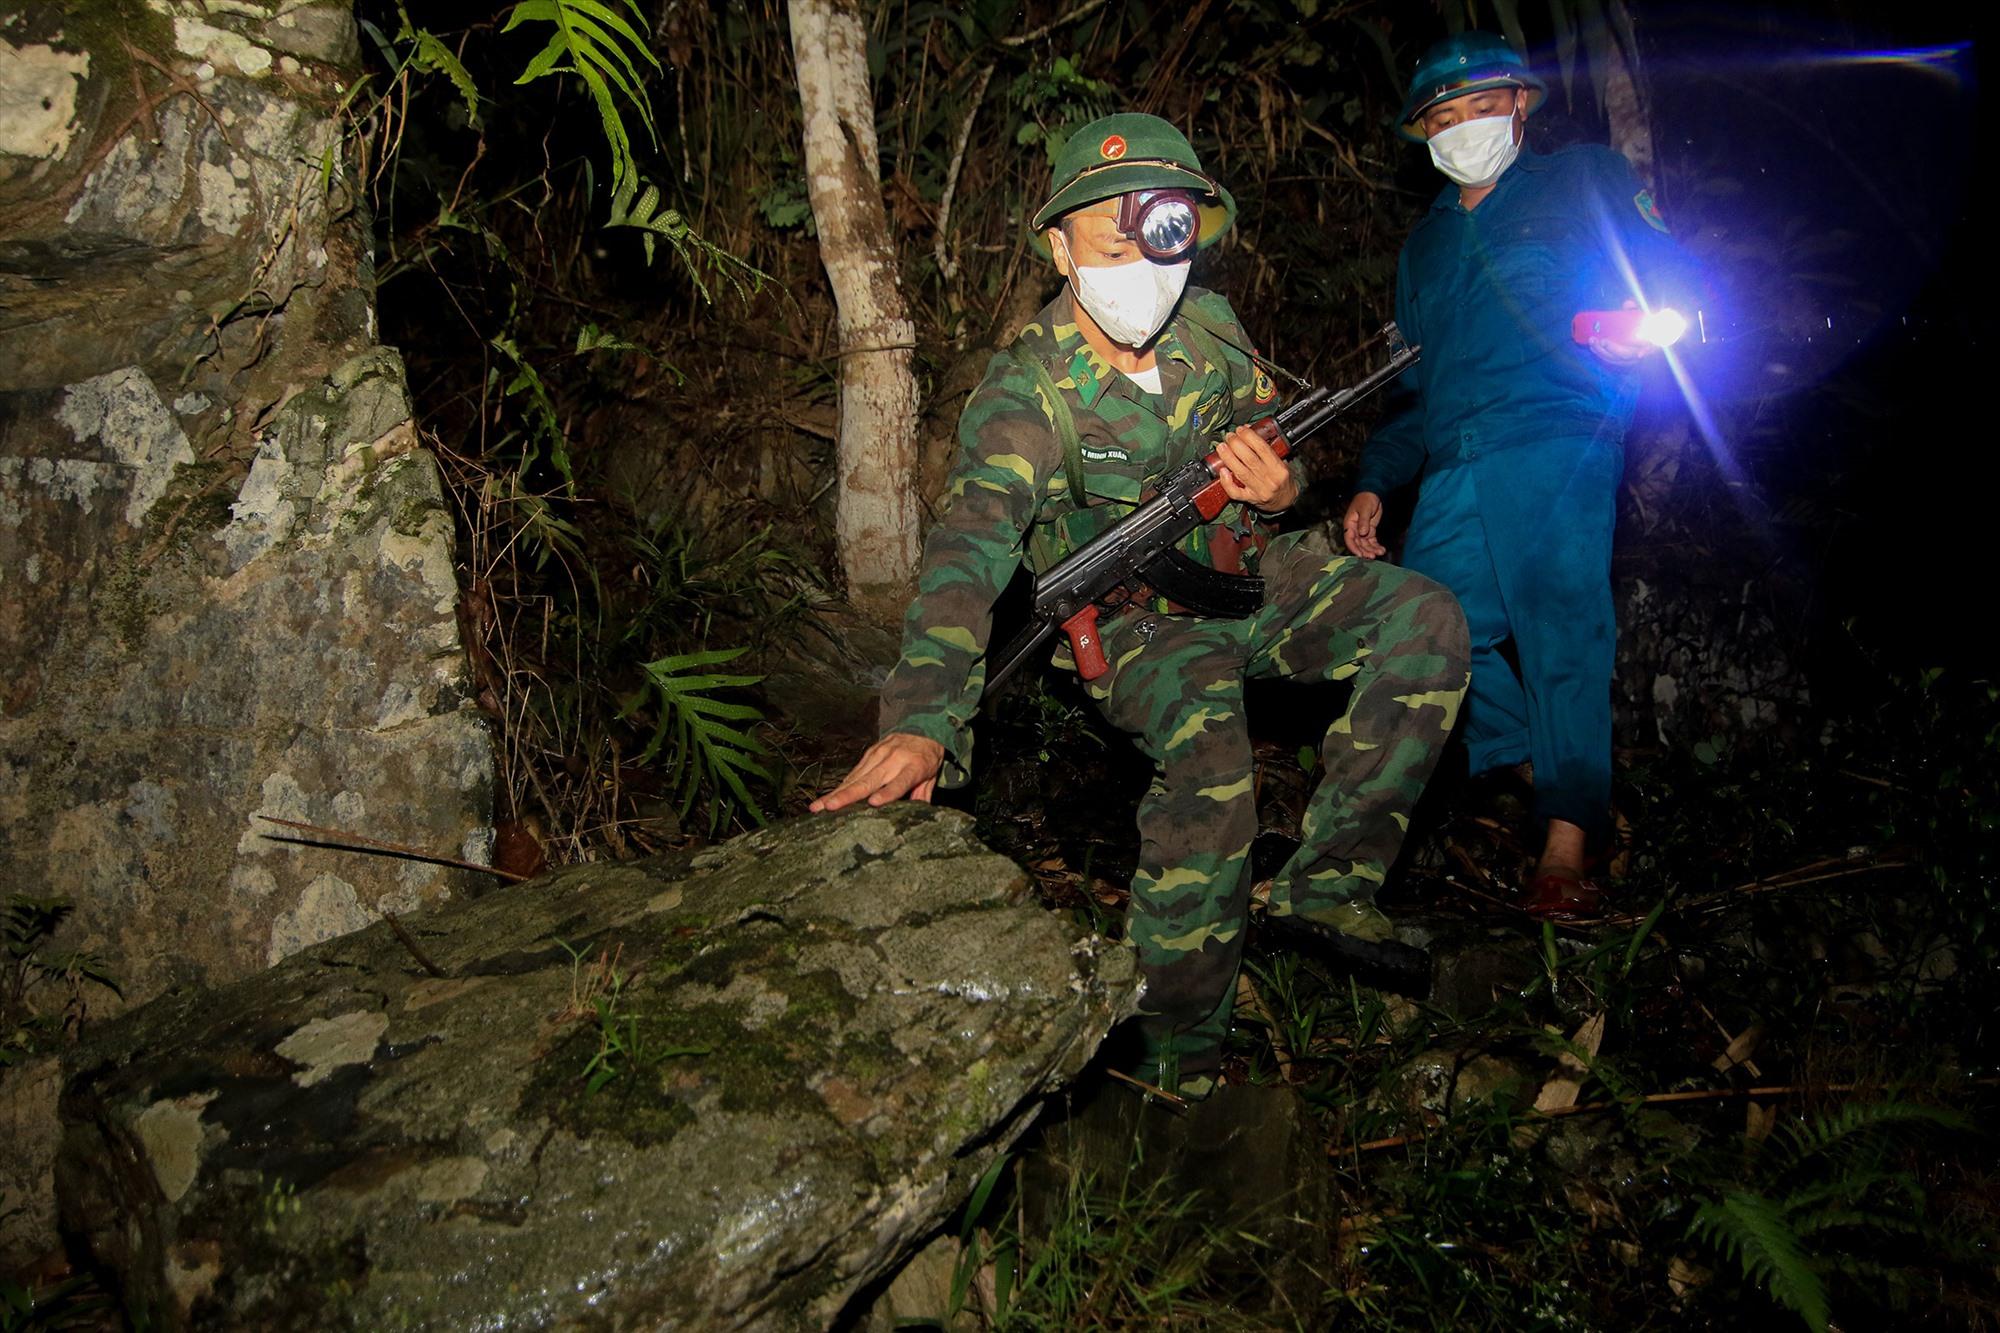 Đến nay, BĐBP tỉnh vẫn duy trì 21 điểm chốt kiểm soát biên giới phòng chống dịch Covid-19. TRONG ẢNH: Các chiến sĩ làm nhiệm vụ tuần tra đường mòn lối mở, đảm bảo an toàn tuyến biên giới. Ảnh: Đ.N